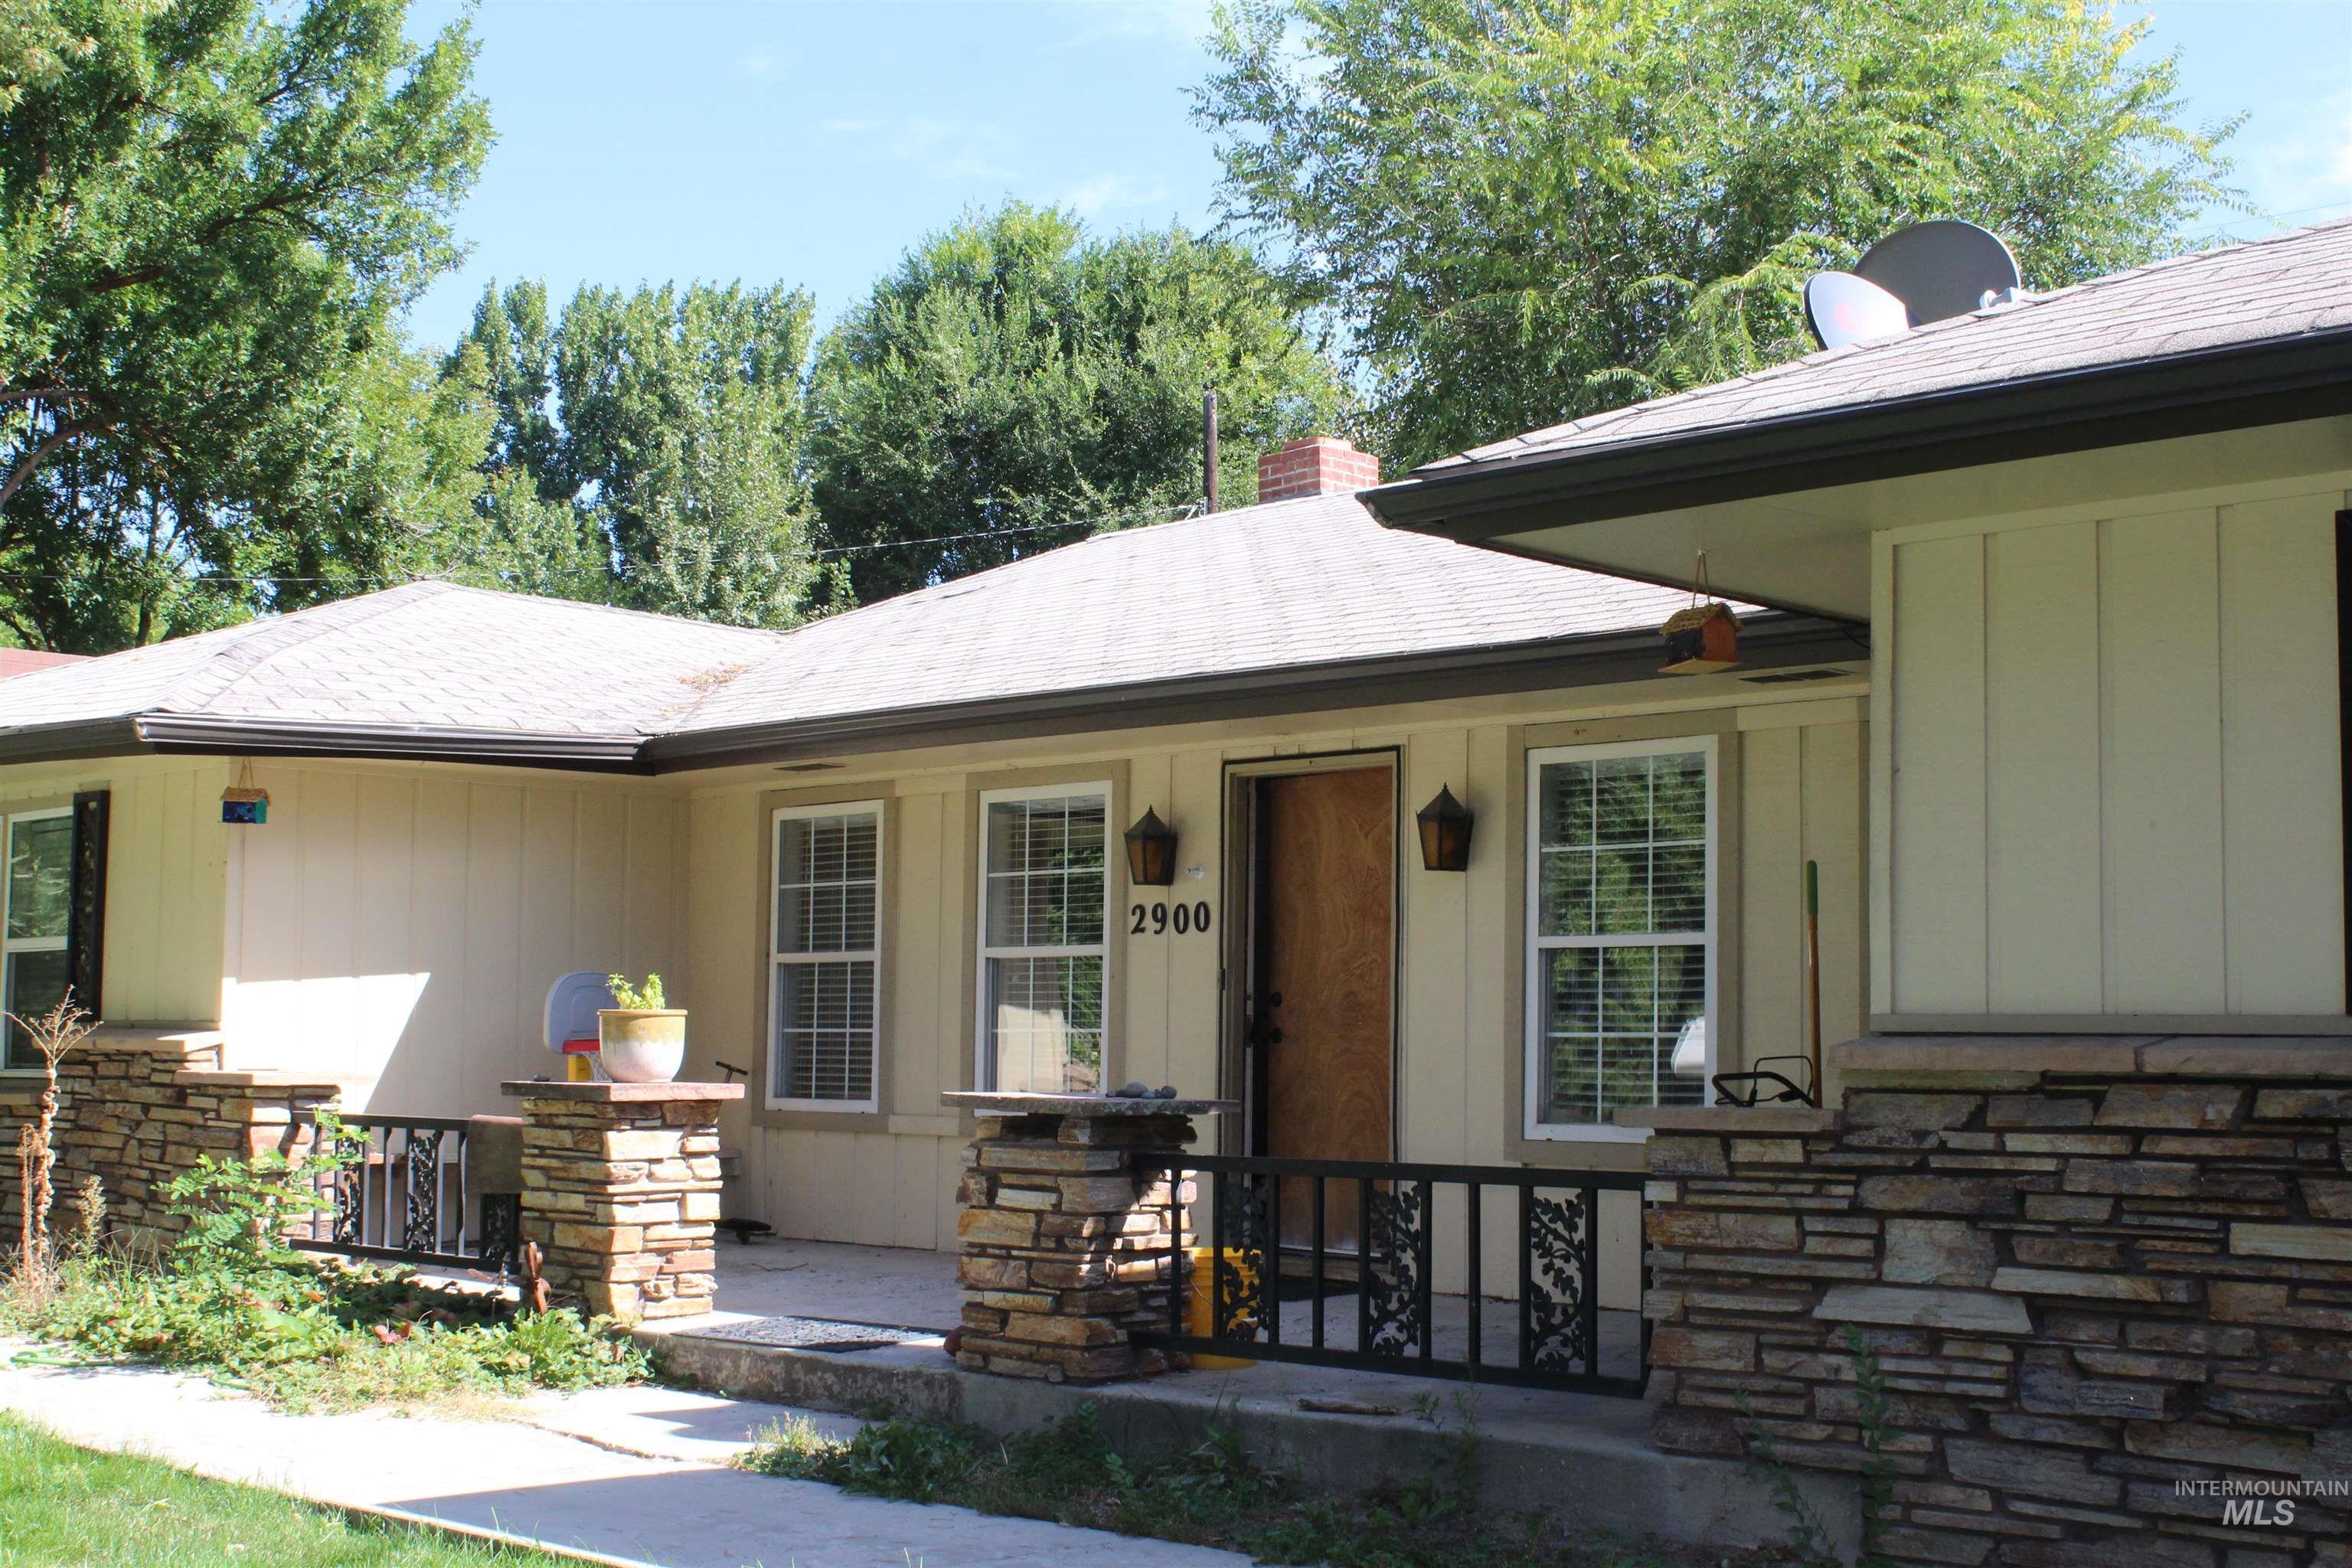 2900 N Tamarack Property Photo 4